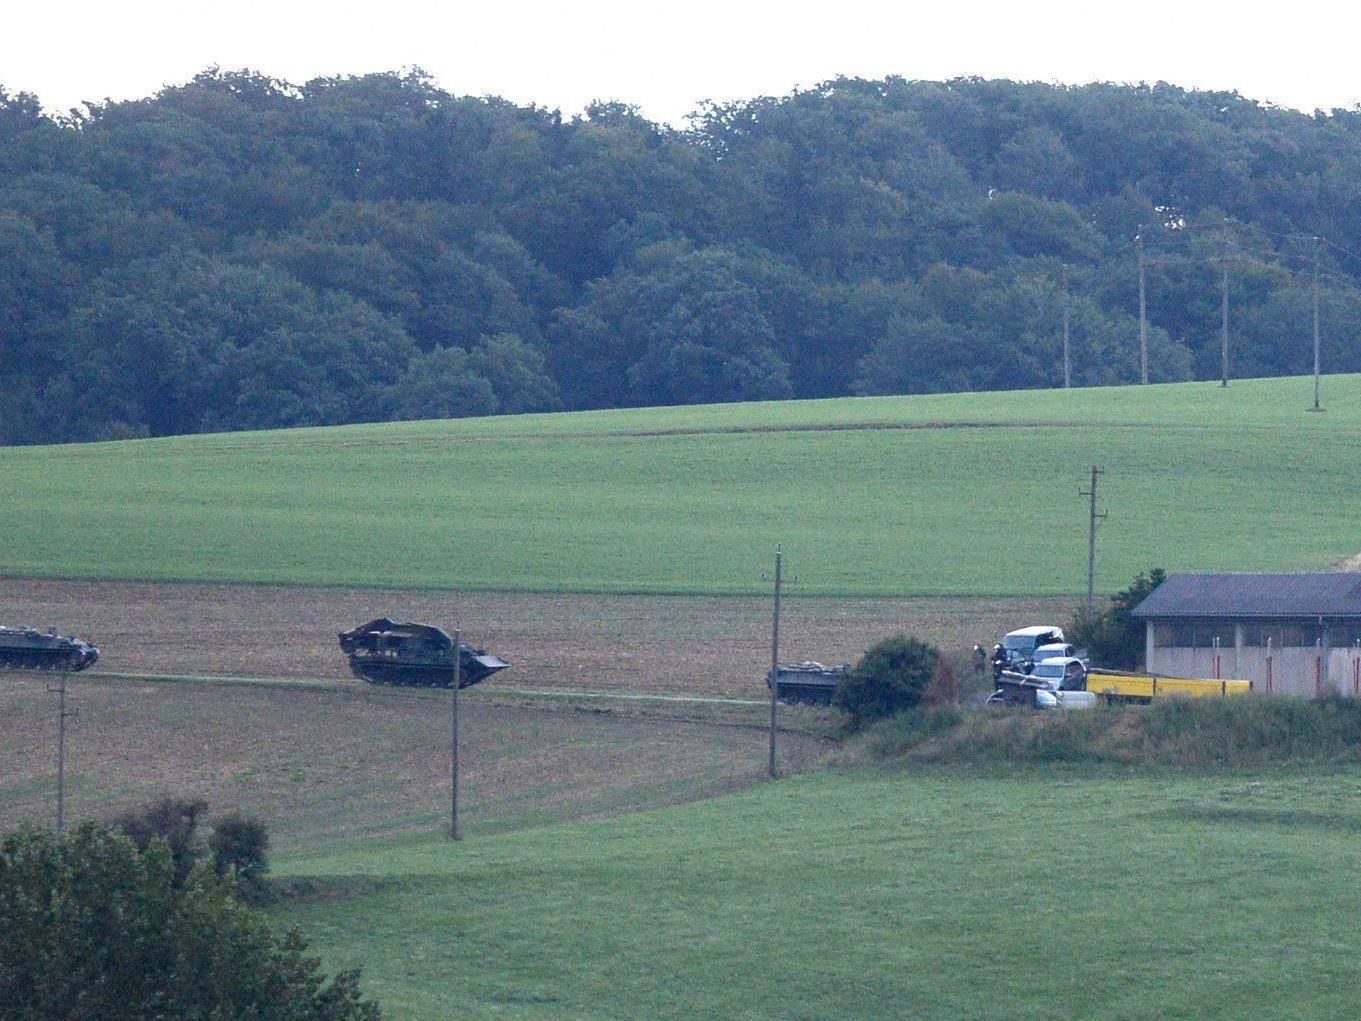 Wilderer soll vier Menschen getötet haben: Der Cobra-Einsatz auf dem Grundstück in Annaberg läuft.